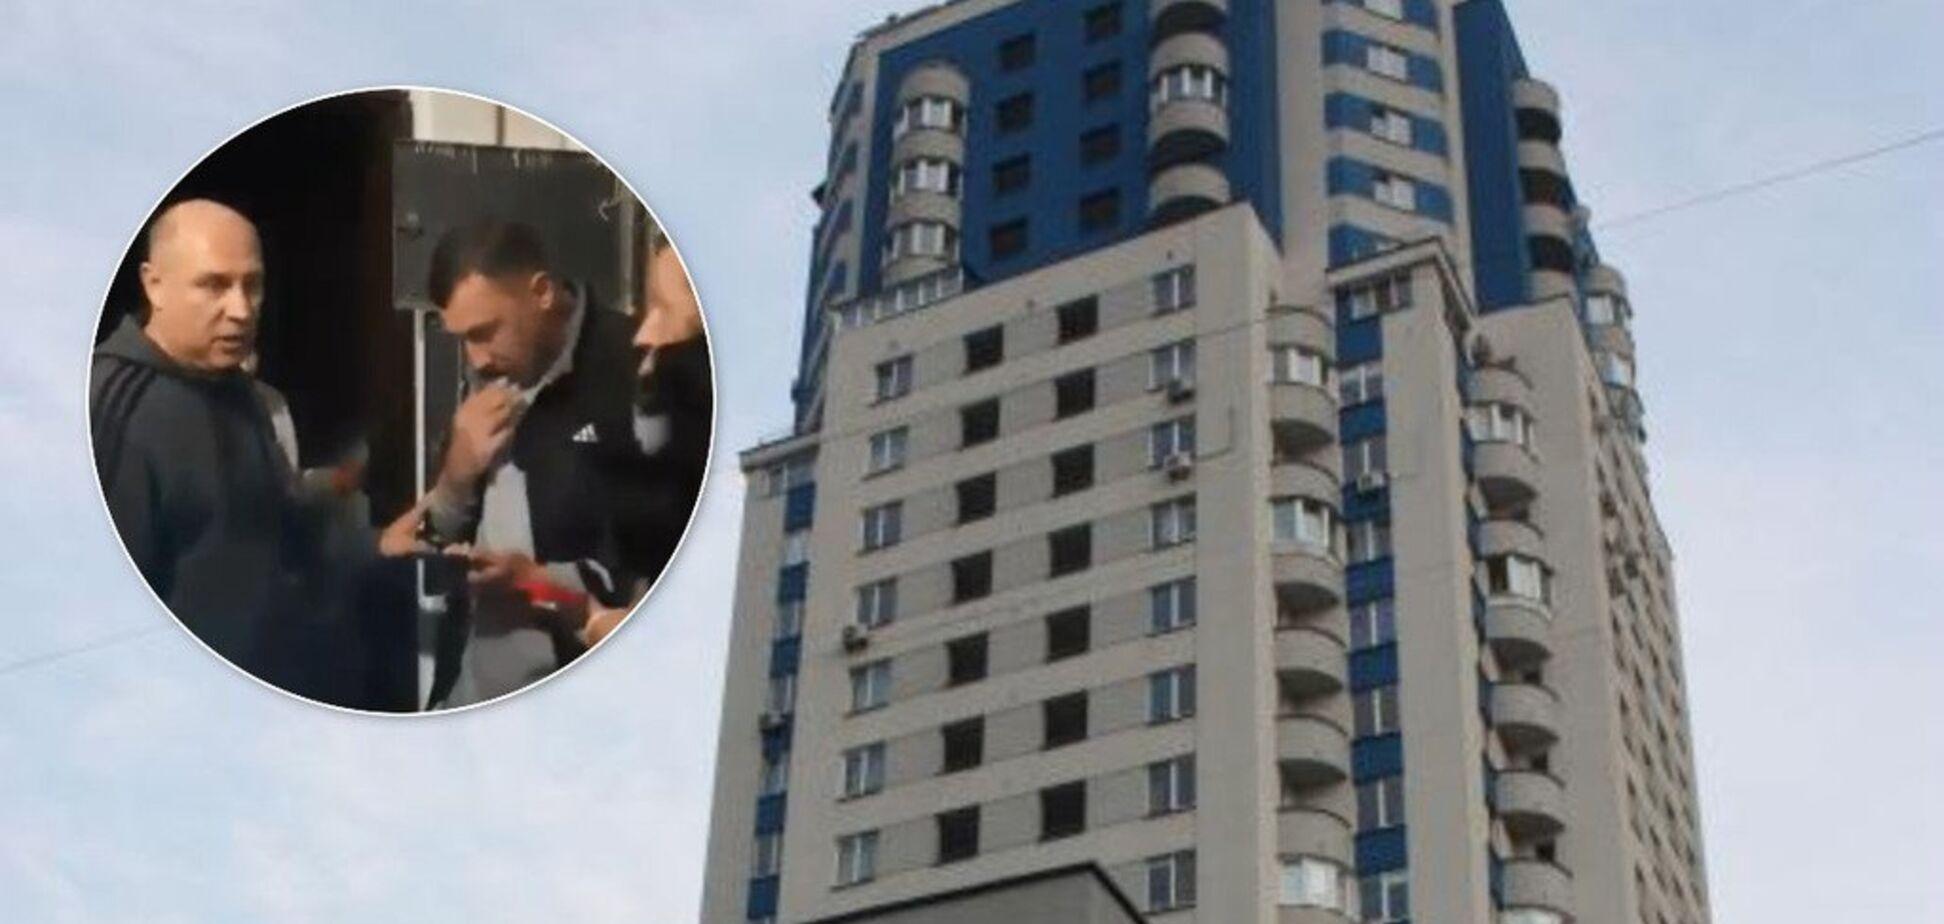 Коммунальная война с кровавым исходом: все детали стрельбы в киевской многоэтажке